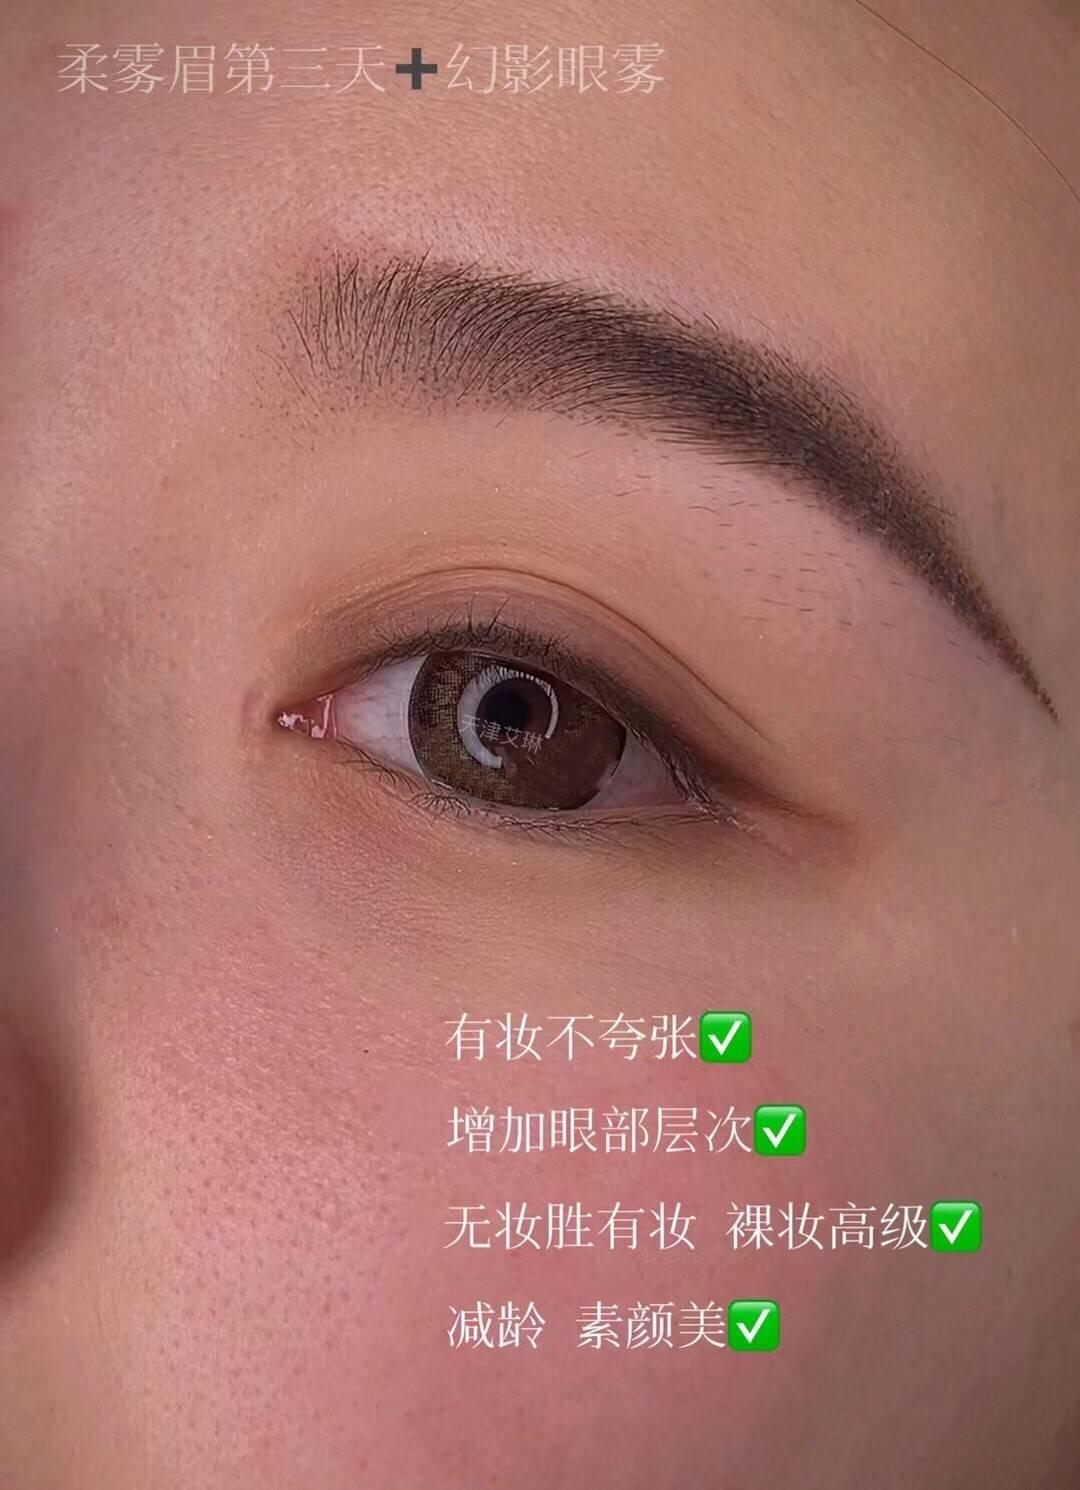 消息资讯艾琳总监天津半永久纹绣五官艺术高端定制大师